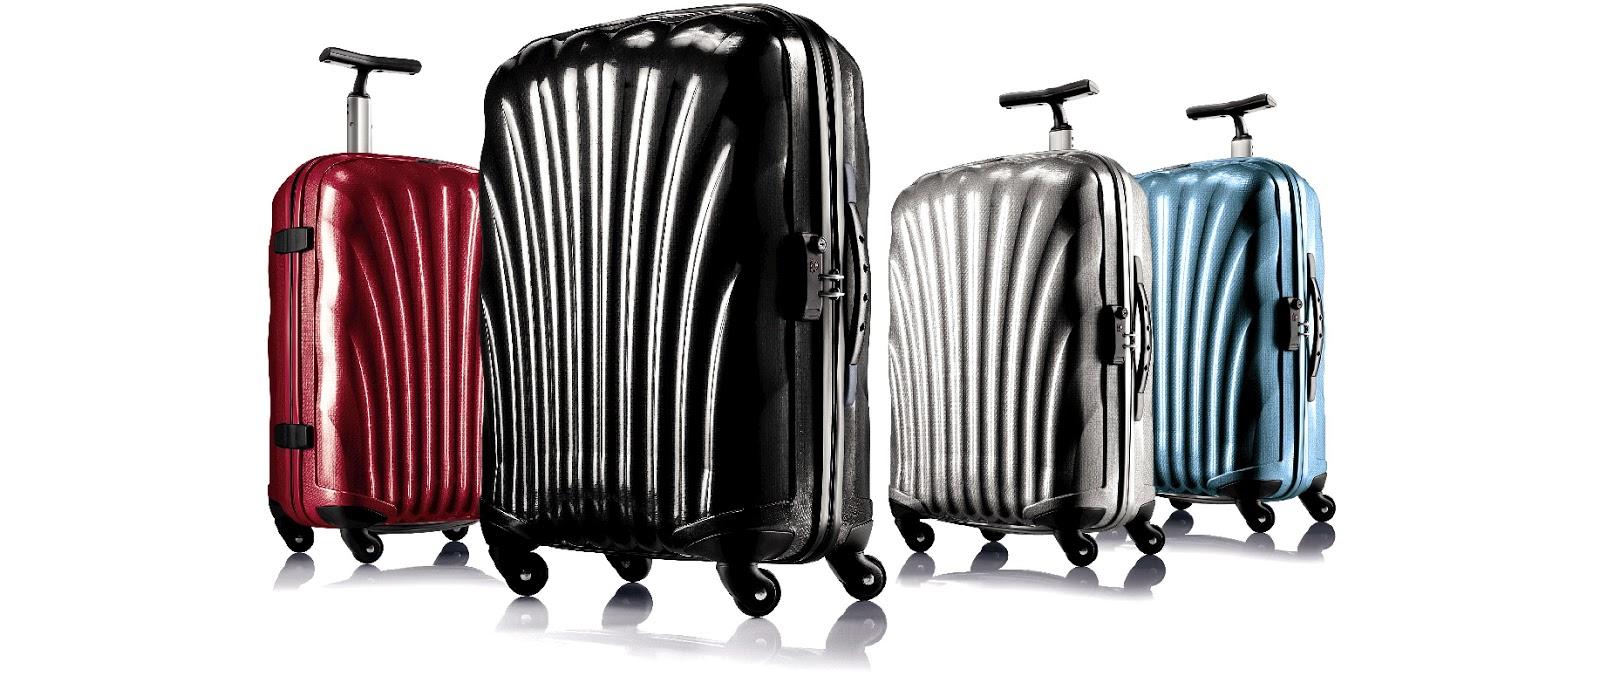 456ab6dab Onde comprar malas em Orlando | Dicas da Flórida: Orlando e Miami